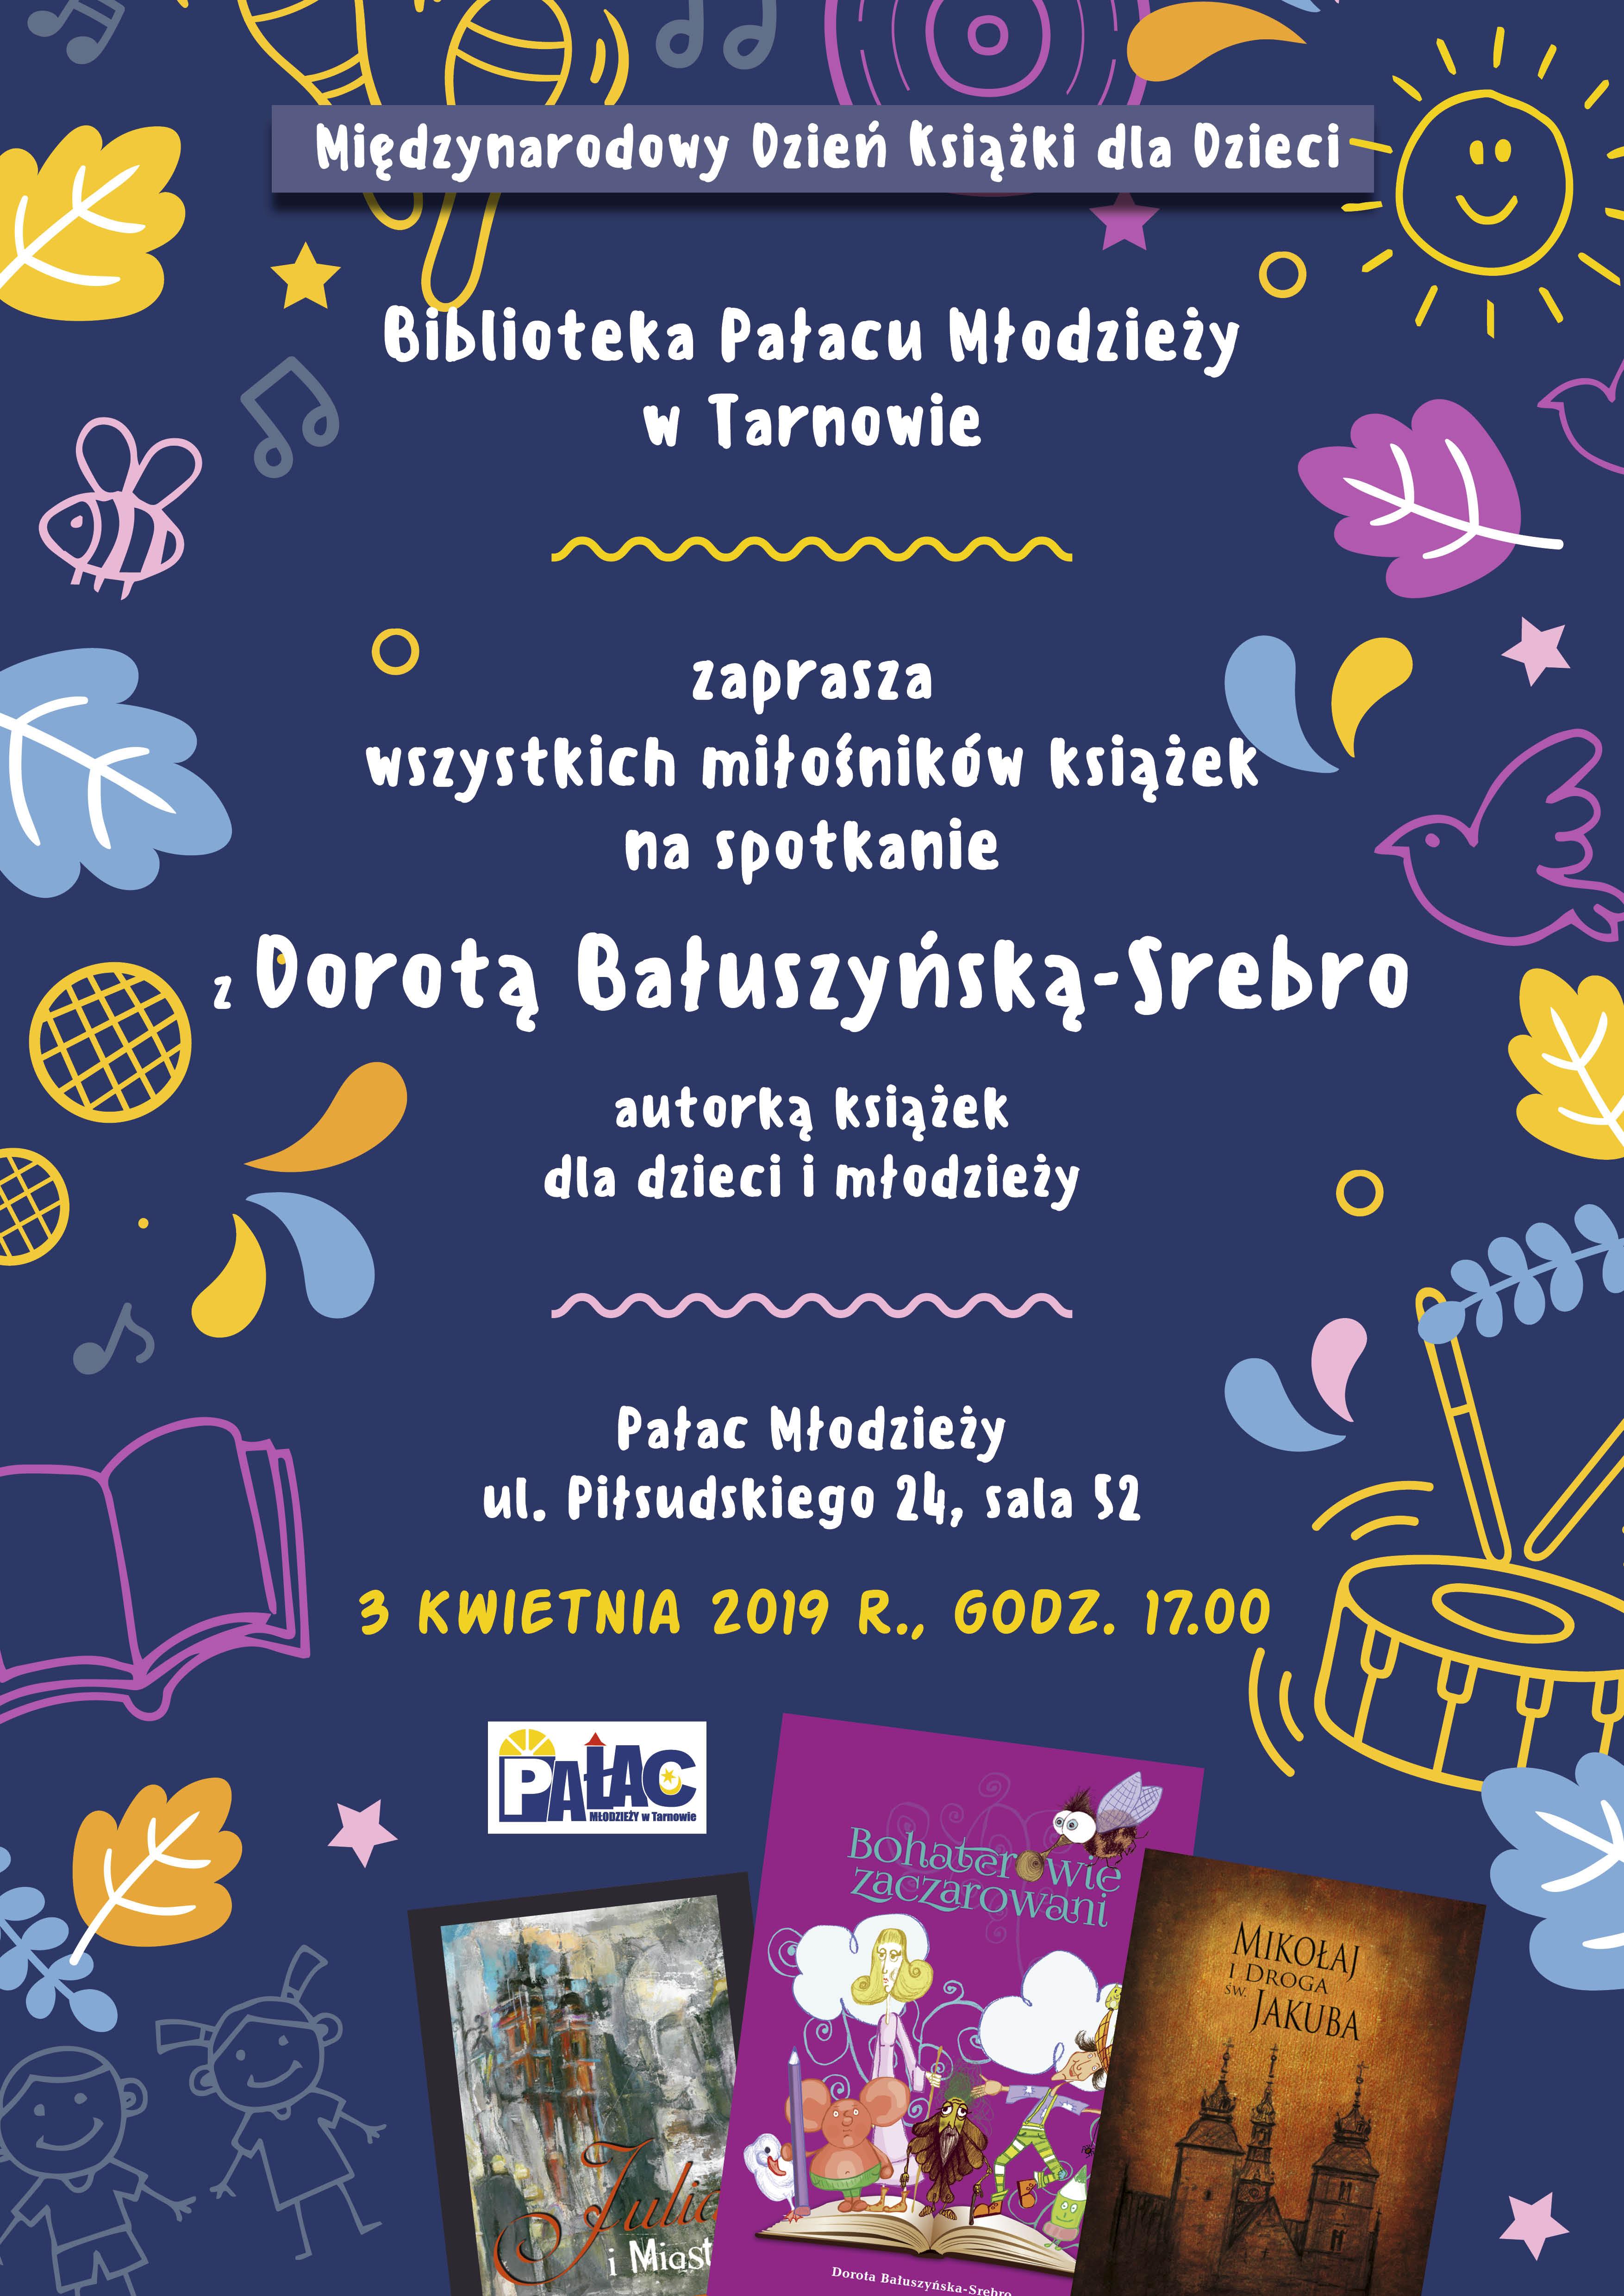 fe073c664e Biblioteka Pałacu Młodzieży serdecznie zaprasza na spotkanie z autorką  książek dla dzieci